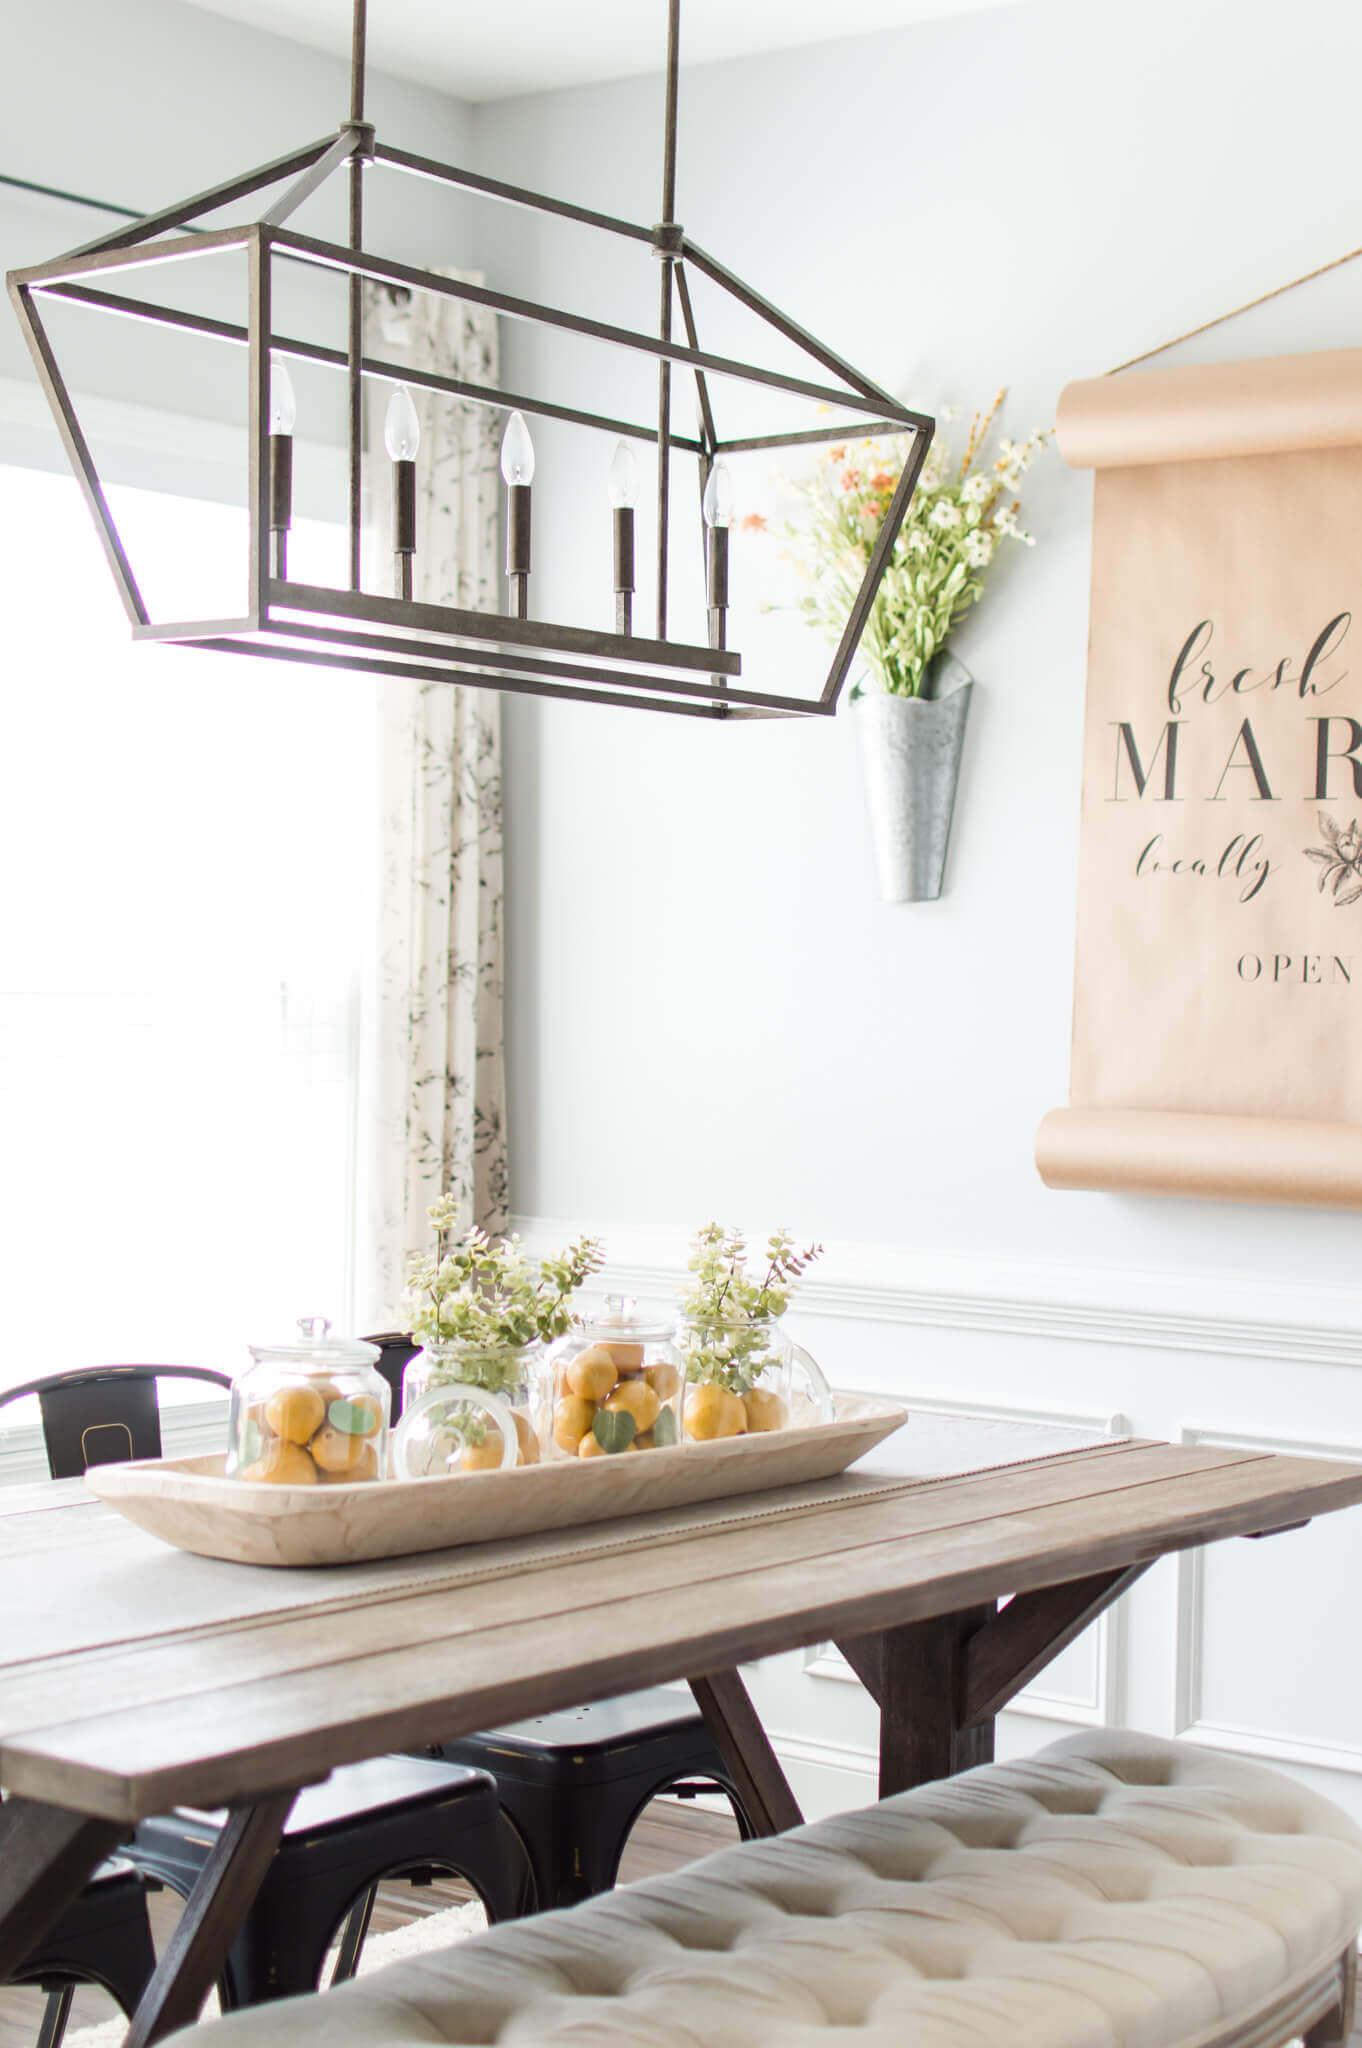 Lemon Jar Centerpiece Idea for Spring / A Hosting Home Blog